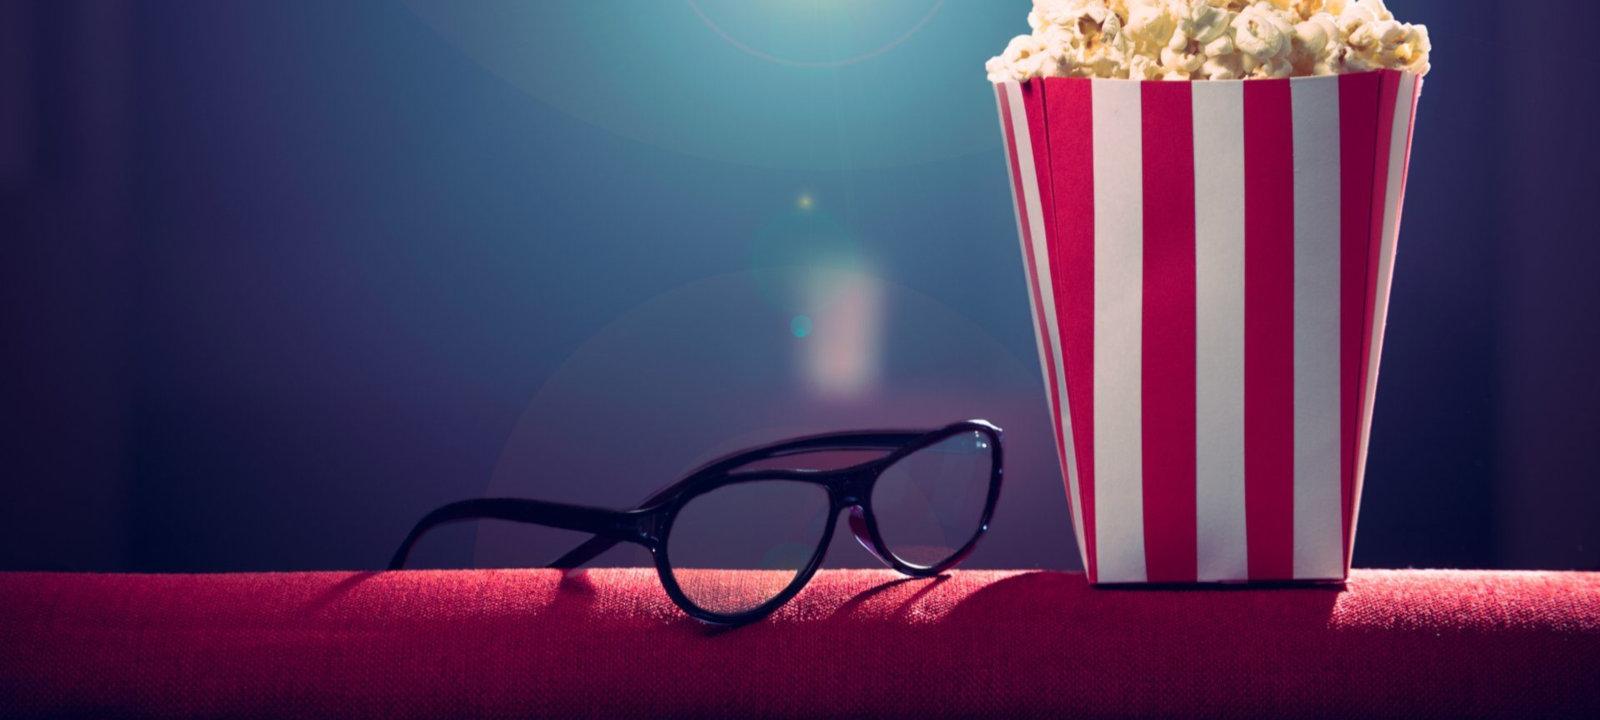 Траты россиян на билеты в кино достигли максимума с начала пандемии